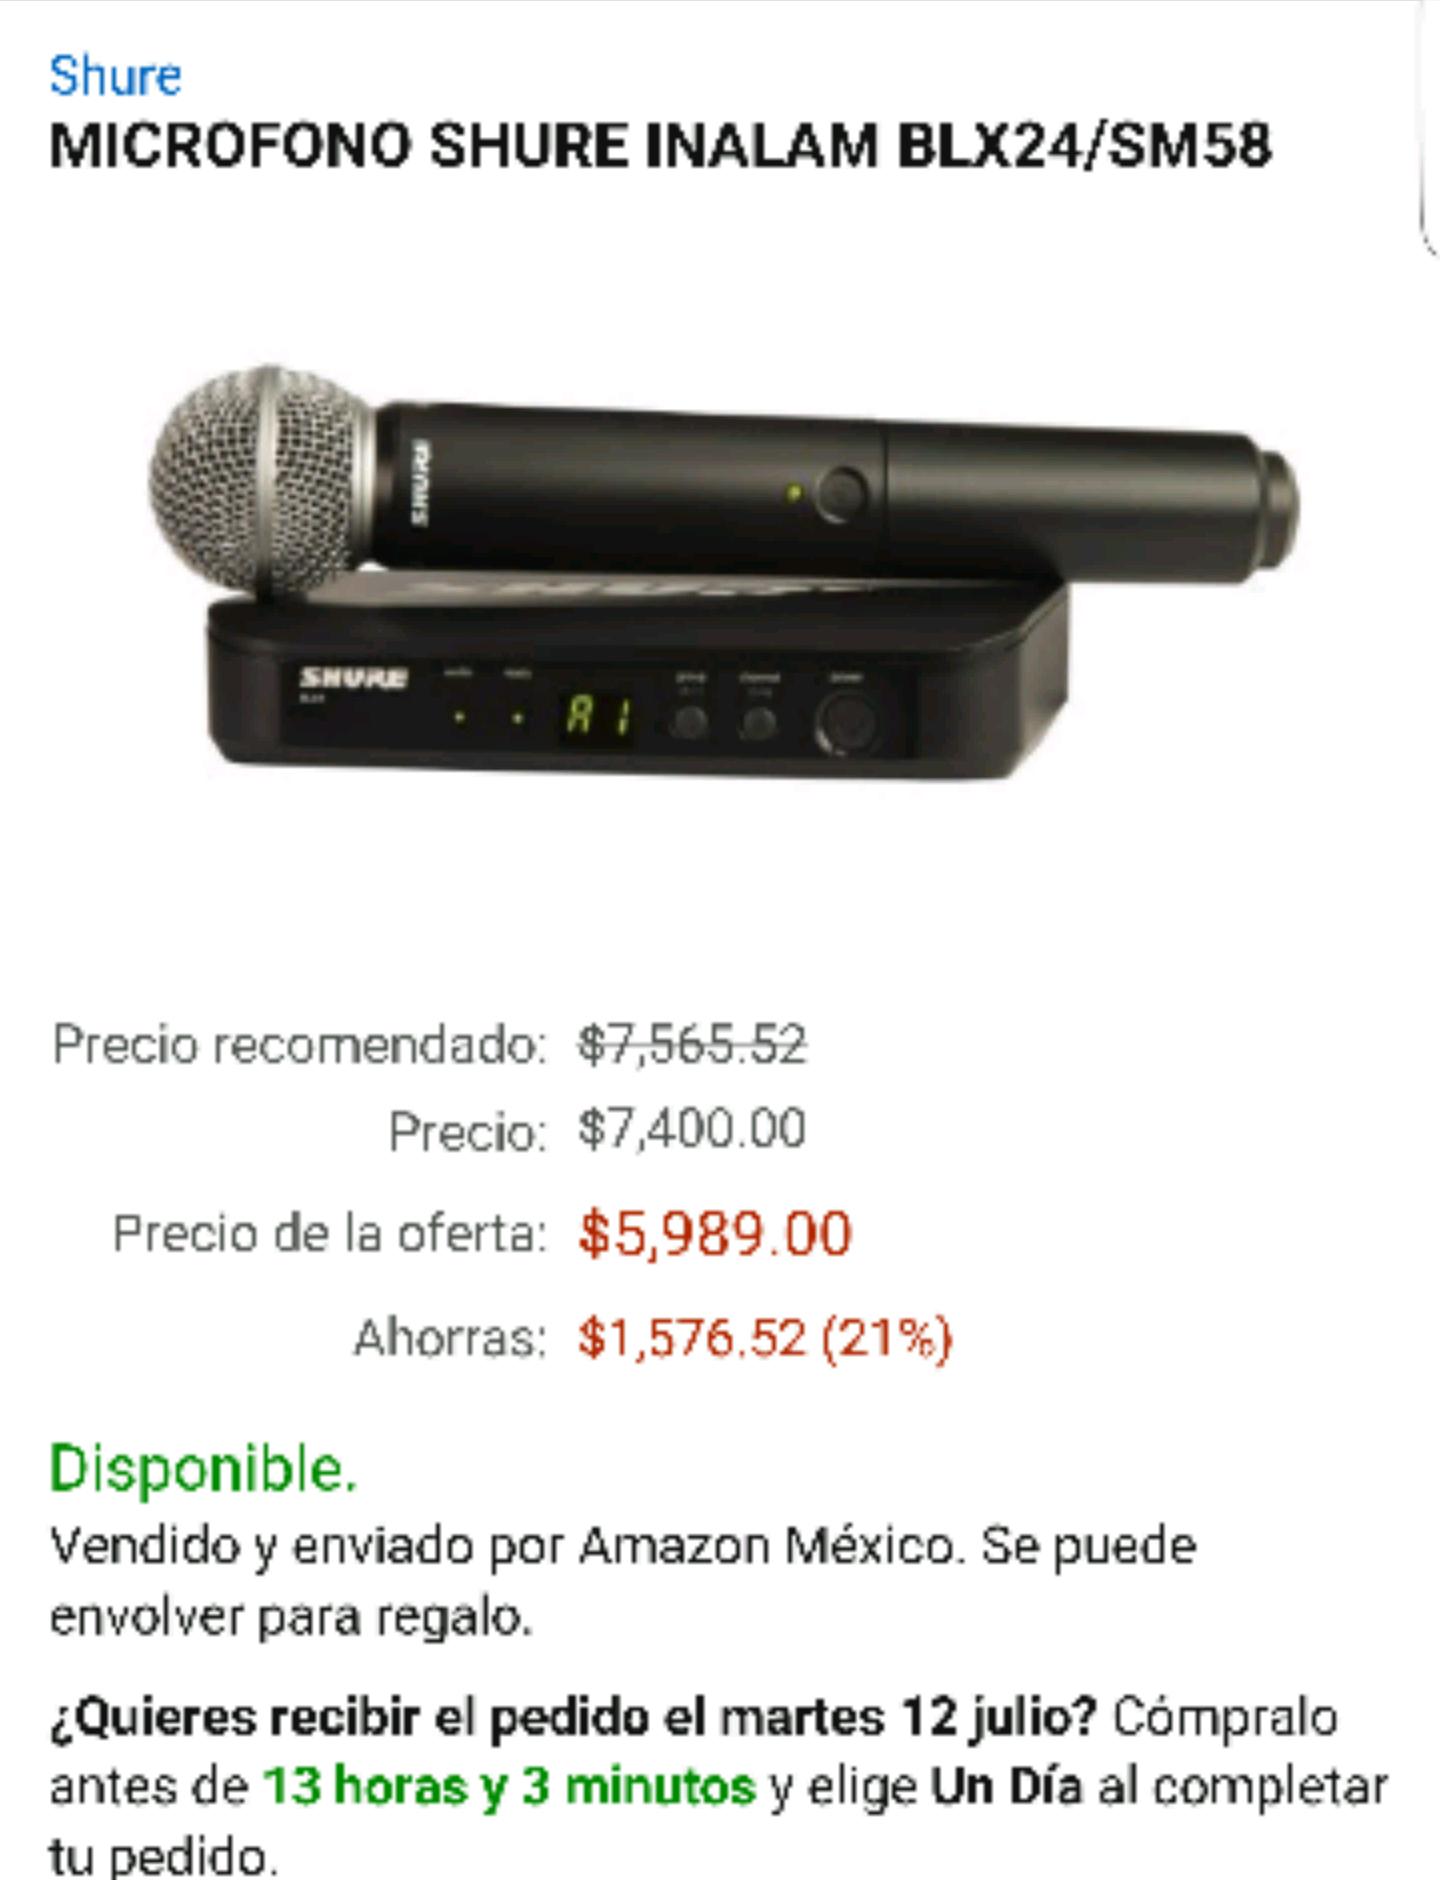 Amazon: micrófono inalámbrico Shure BLX24/SM58